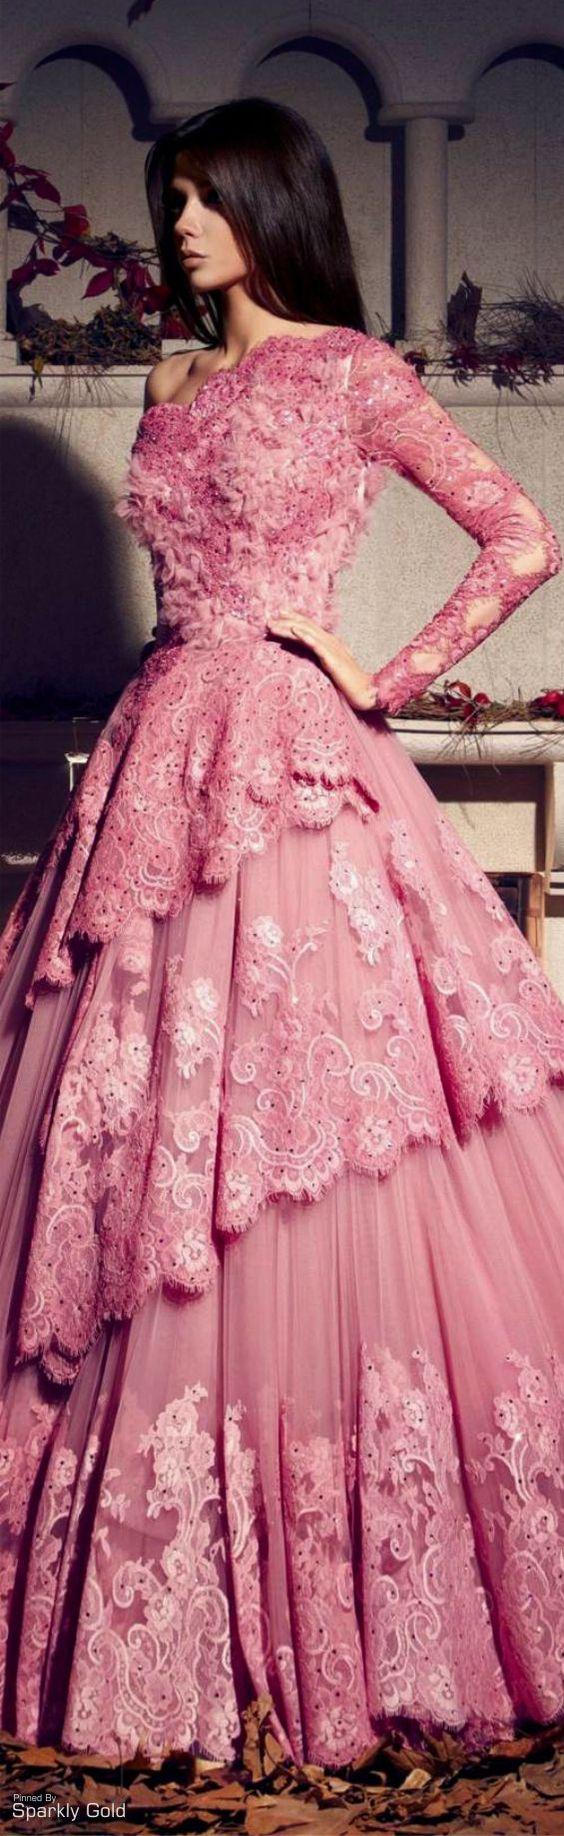 Fantástico Used Pnina Tornai Wedding Dress Imagen - Colección de ...